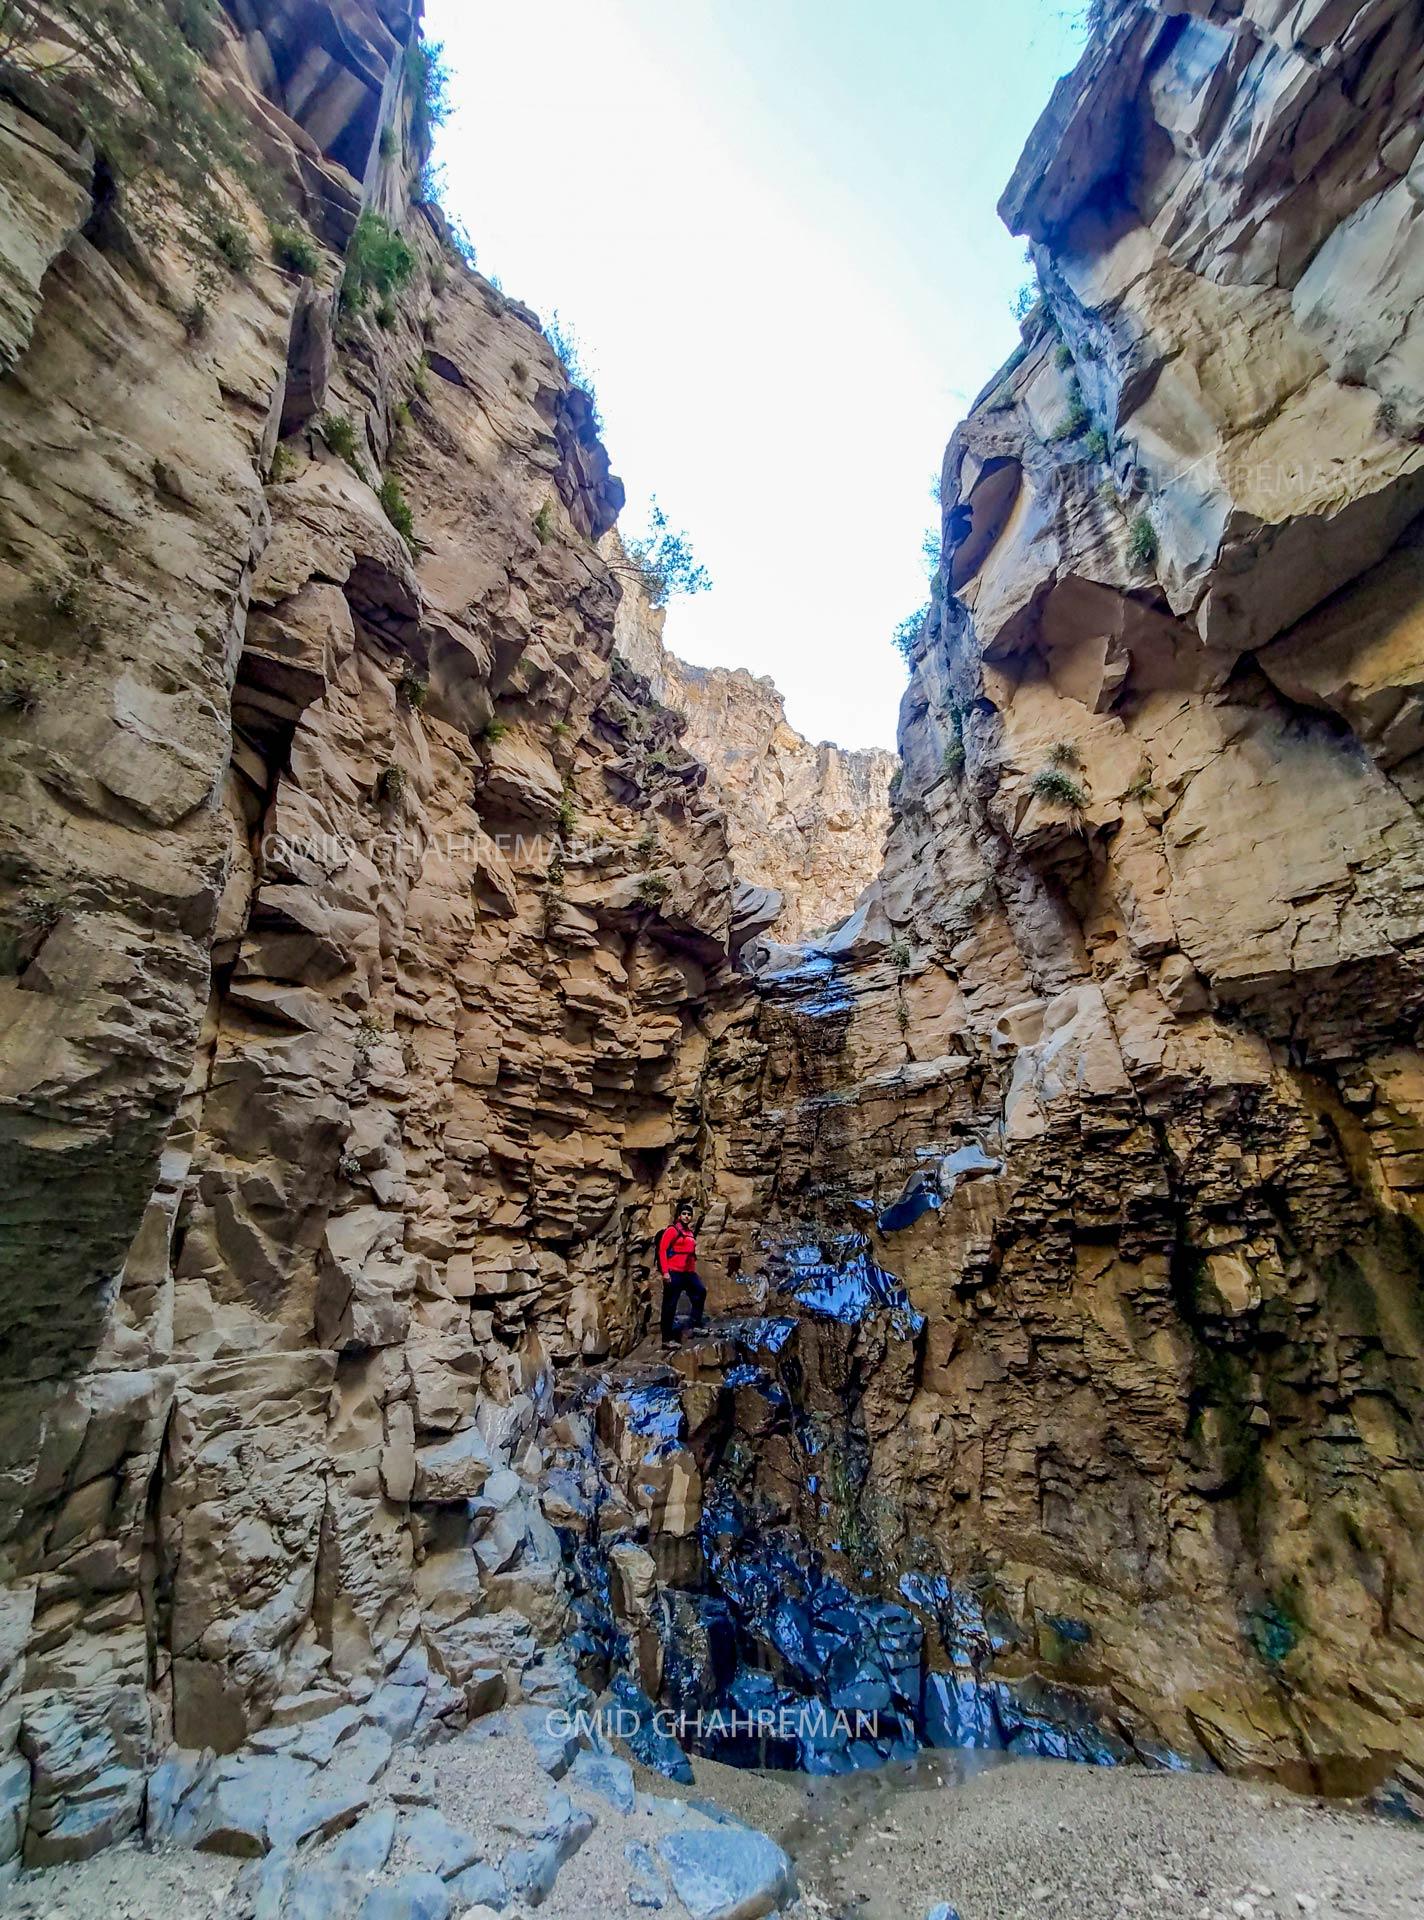 آبشار و انتهای دره فرعی قیرمیزیلیخ واقع در آواجیق ماکو